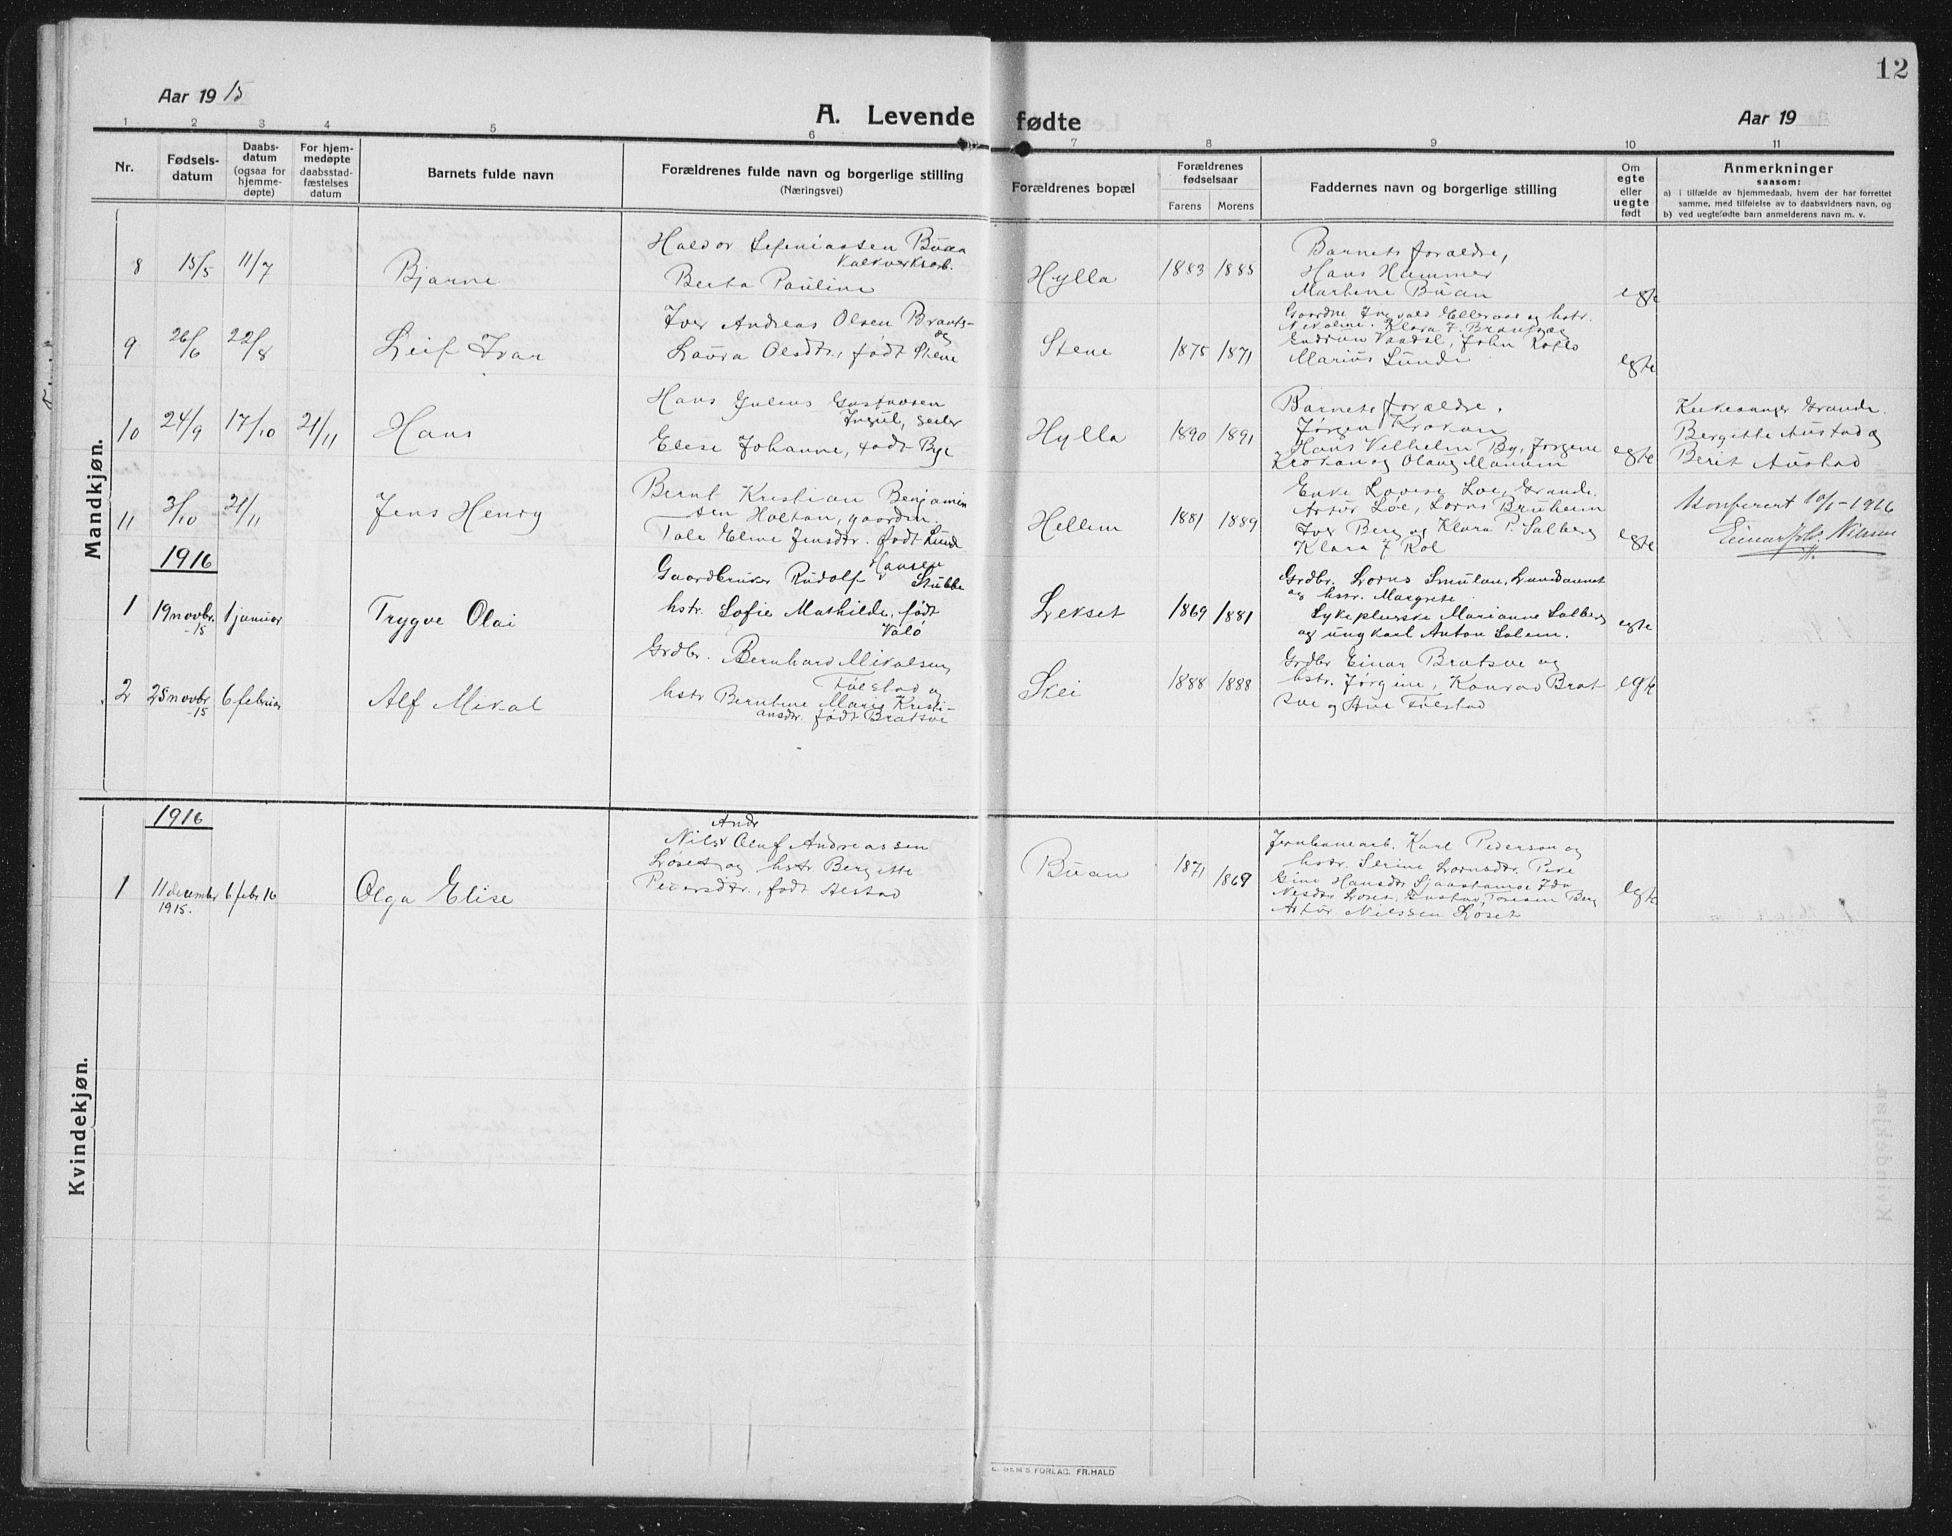 SAT, Ministerialprotokoller, klokkerbøker og fødselsregistre - Nord-Trøndelag, 731/L0312: Klokkerbok nr. 731C03, 1911-1935, s. 12